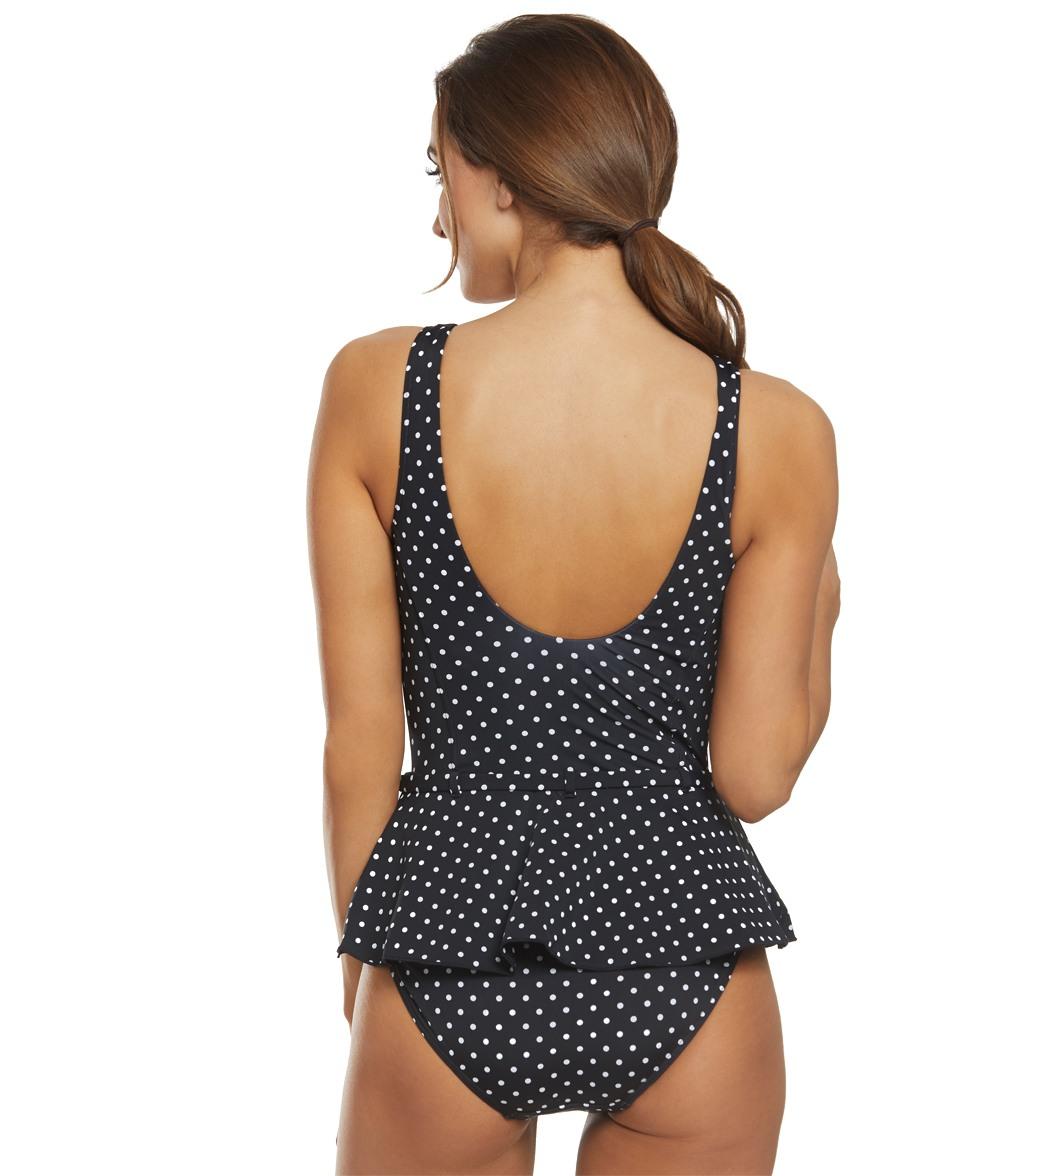 76be41579f Lauren Ralph Lauren Pin Dot Peplum One Piece Swimsuit at SwimOutlet.com -  Free Shipping